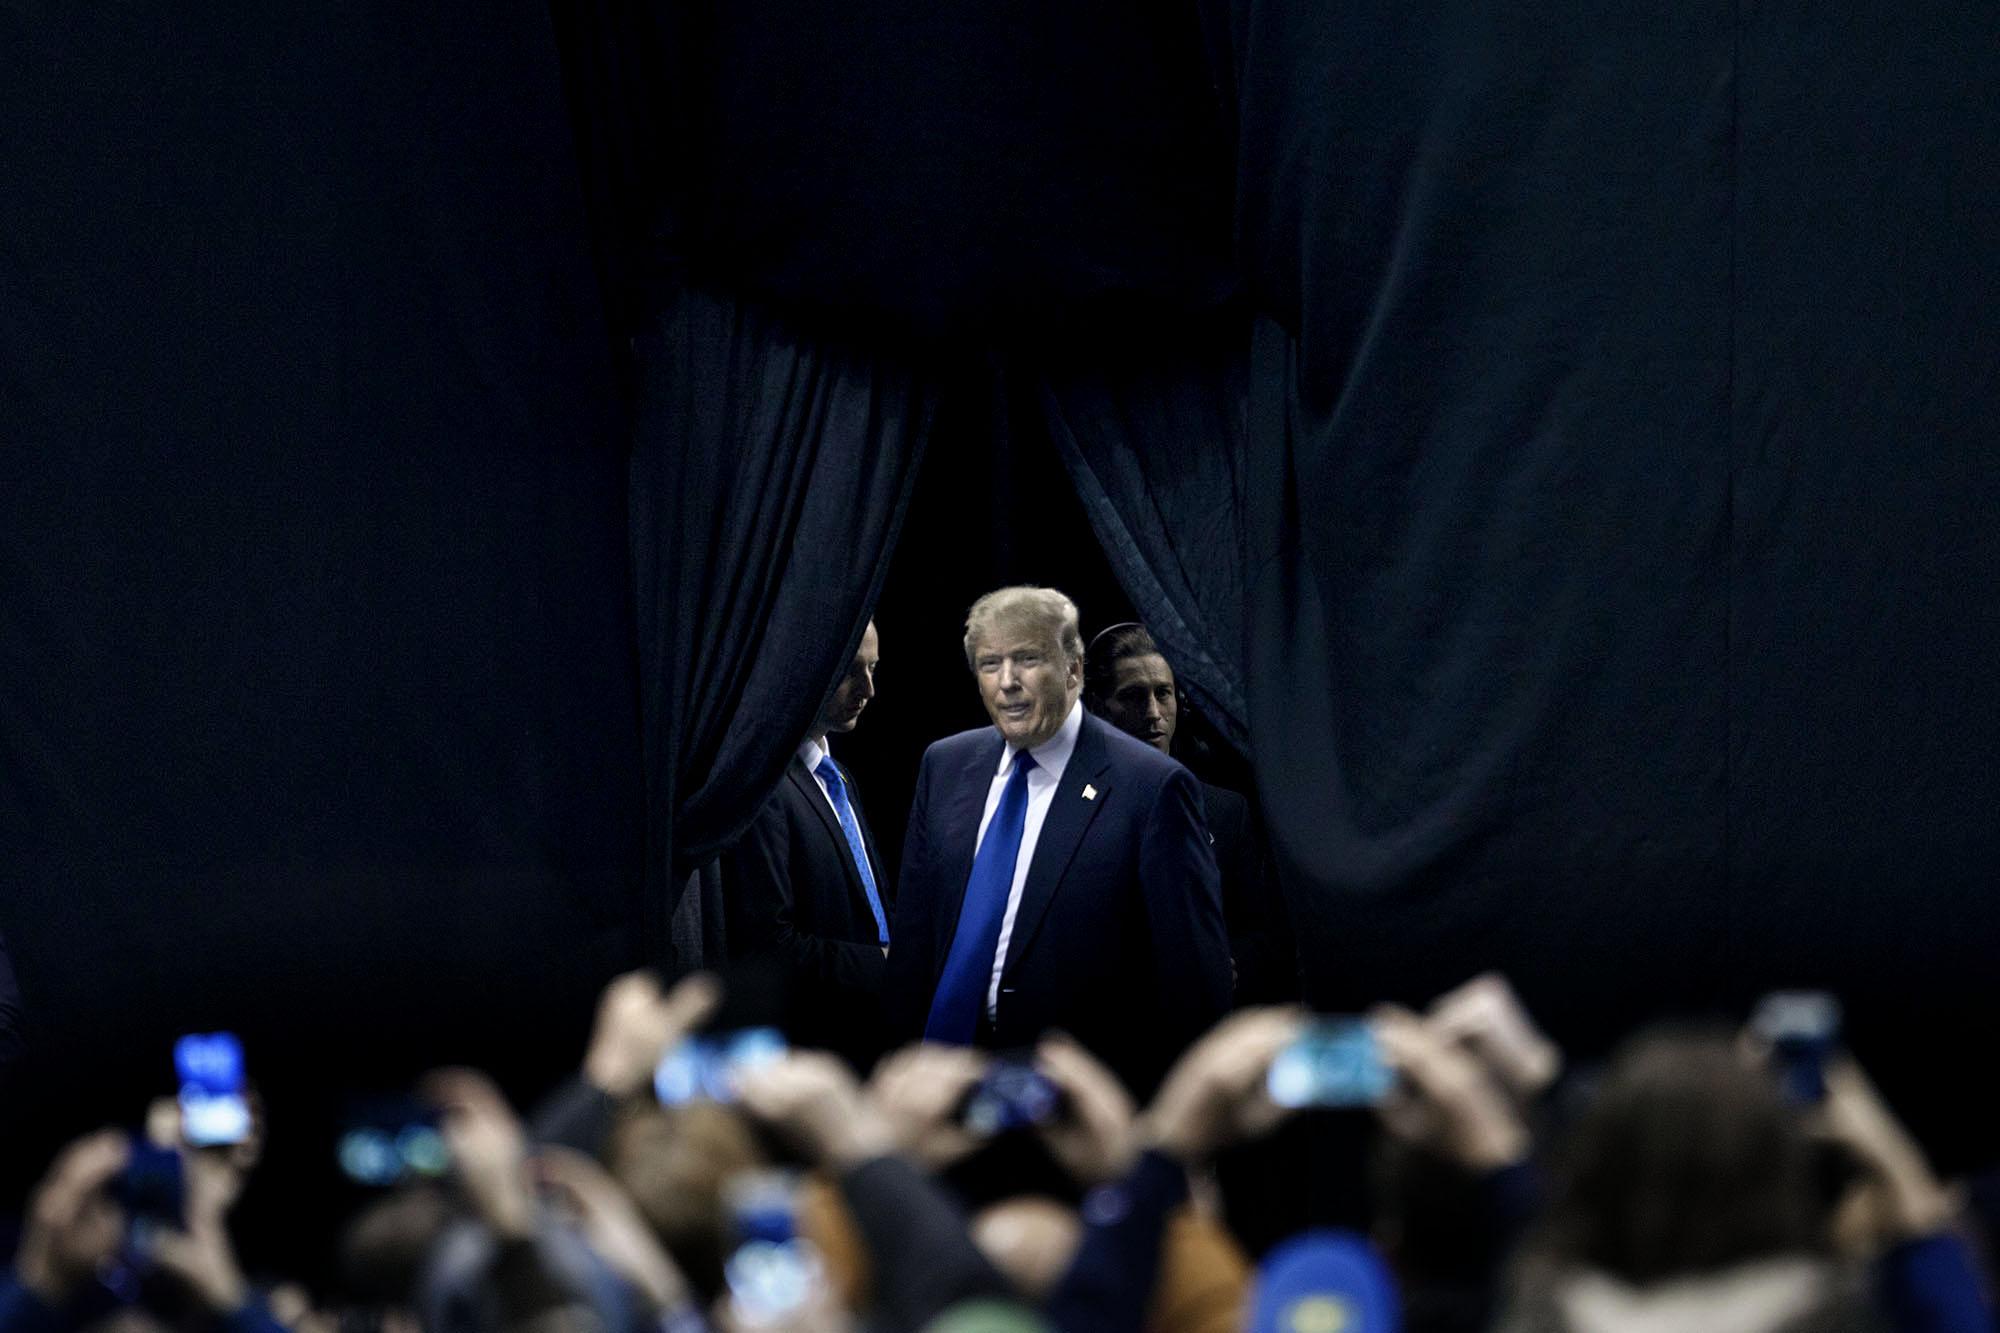 Donald Trump kommer in i en arena i Manchester, New Hampshire för att hålla ett tal.8 februari, 2016. Foto: Thomas Nilsson